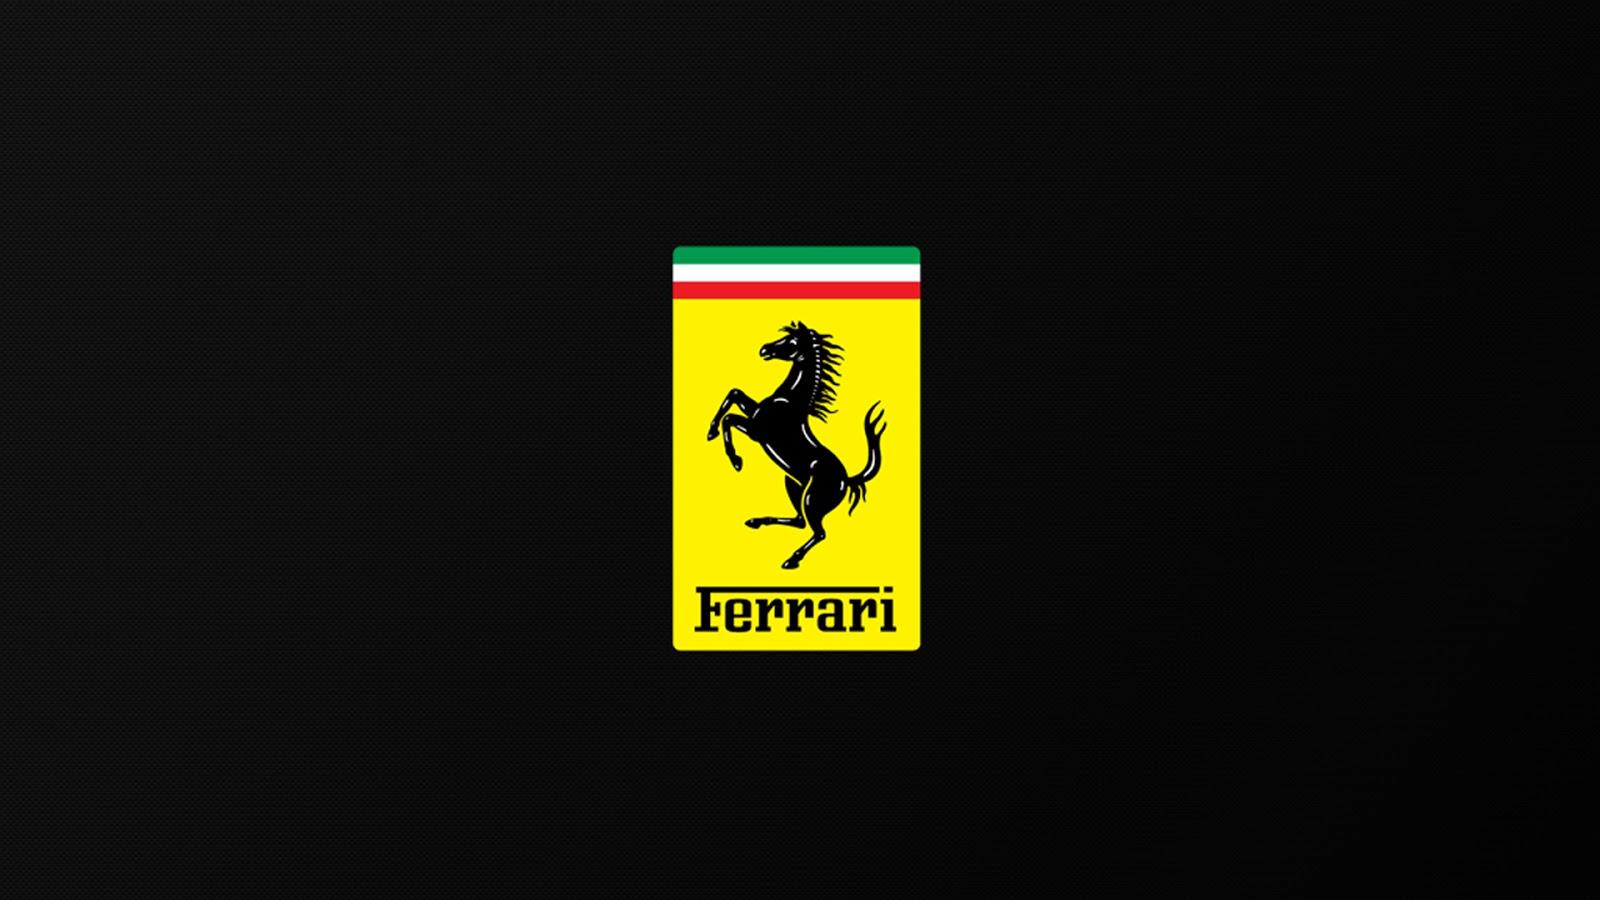 Ferrari Logo Hd Wallpaper Download